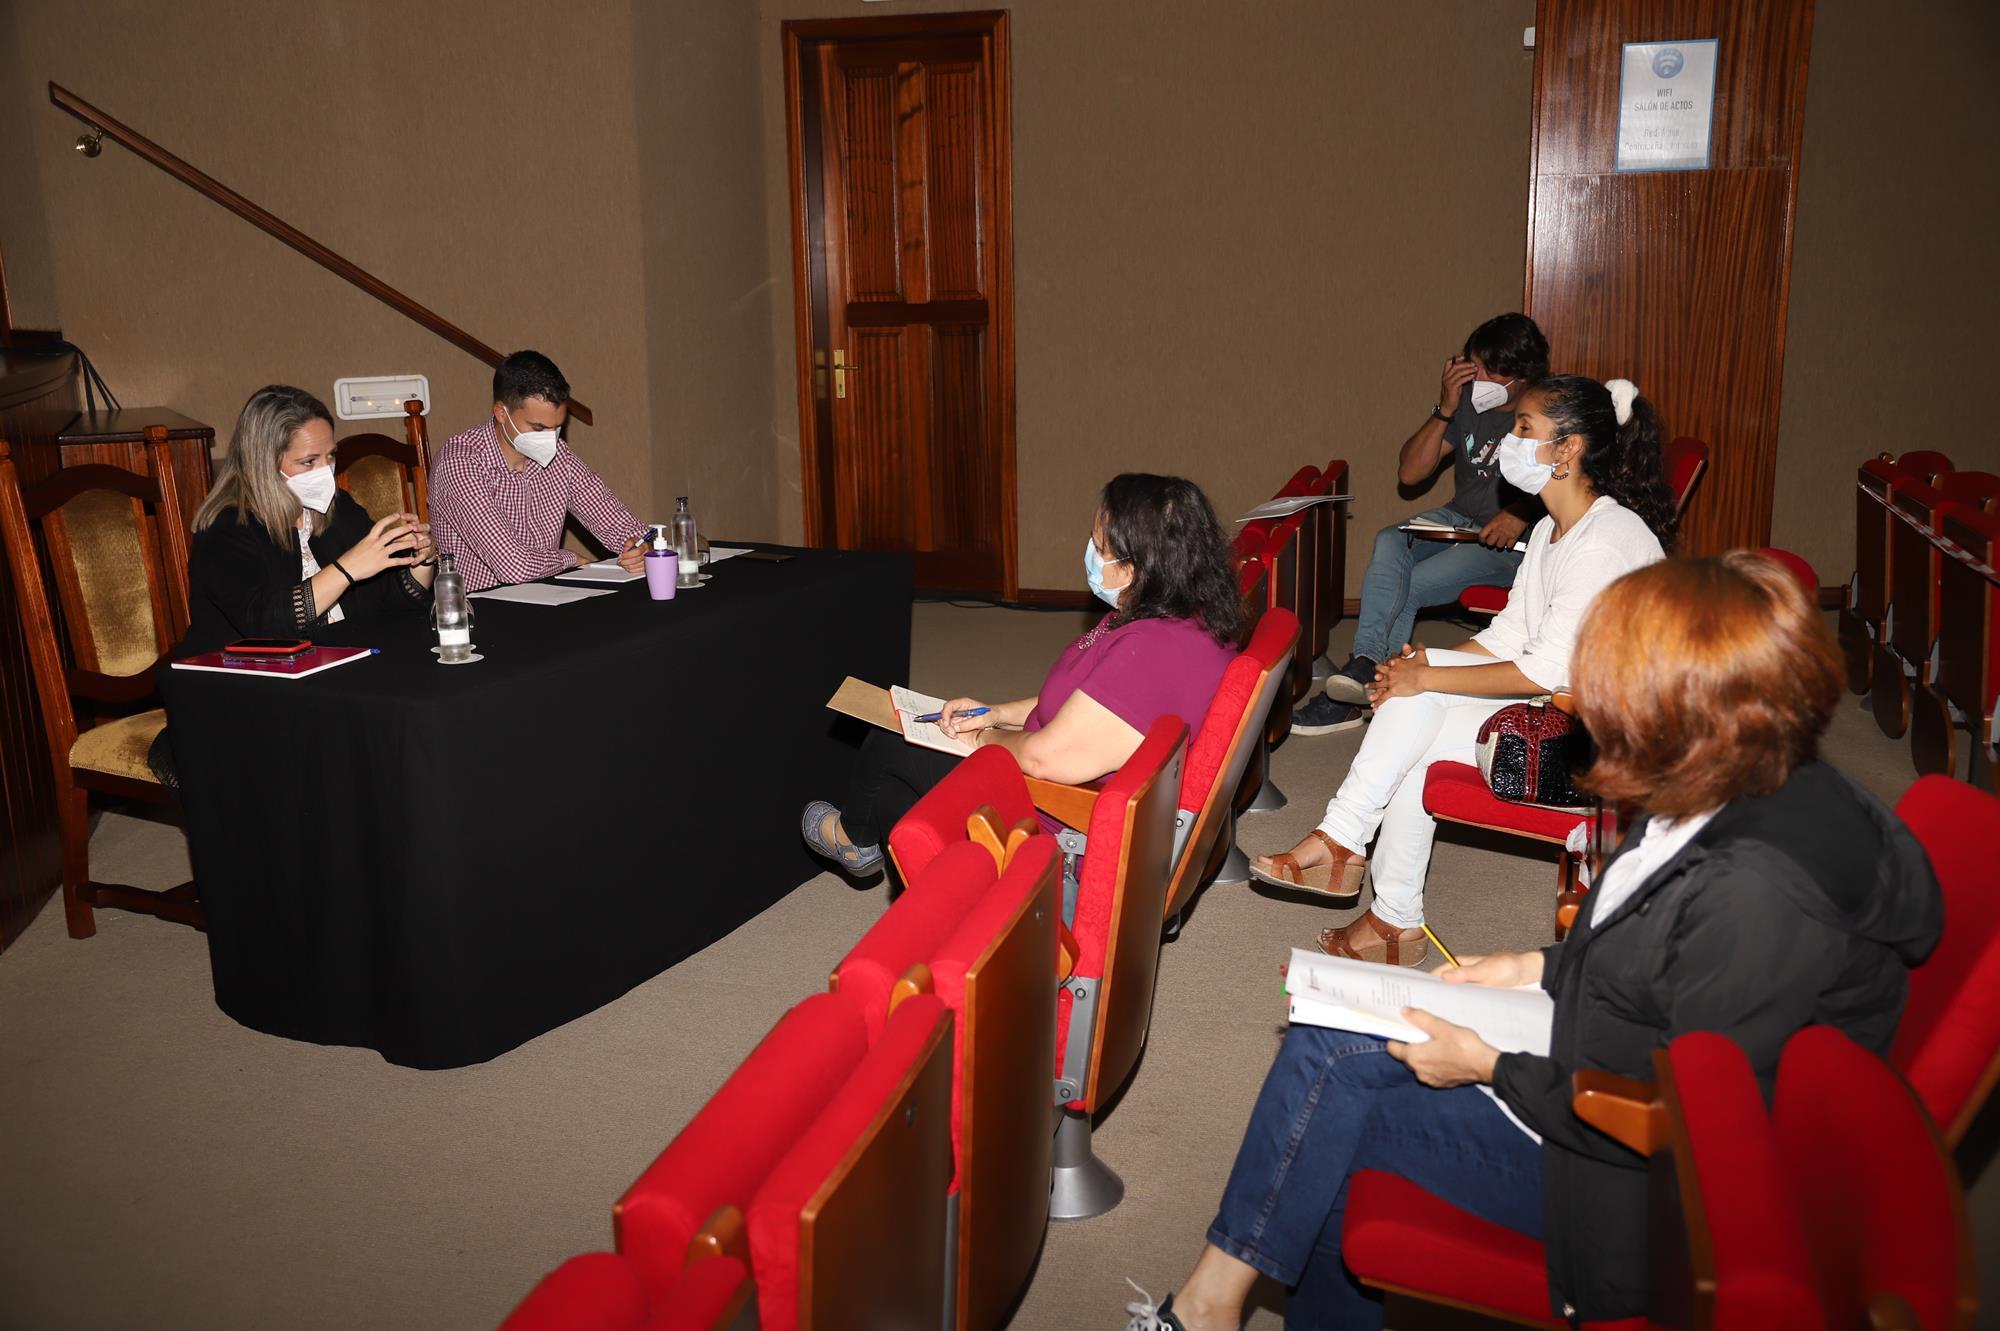 El Cabildo se reúne con el sector artesano para escuchar las demandas y establecer líneas de coordinación